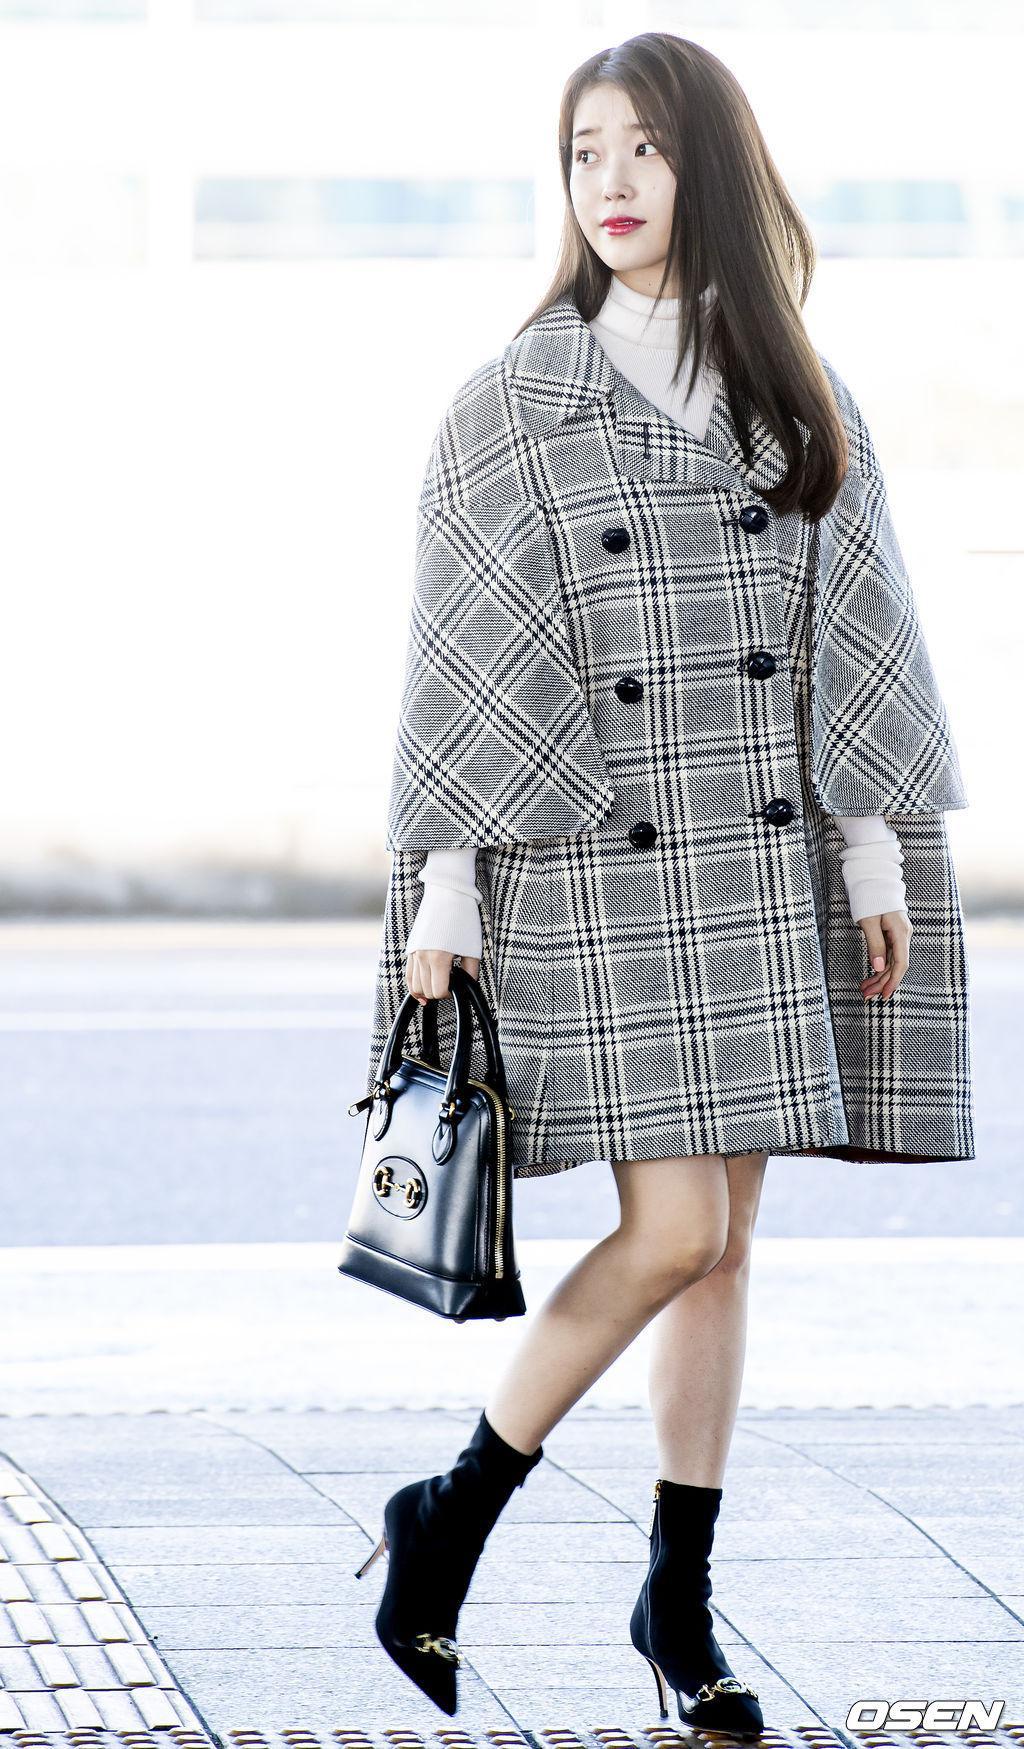 ca sĩ IU xinh xắn tại sân bay trong trang phục của Gucci